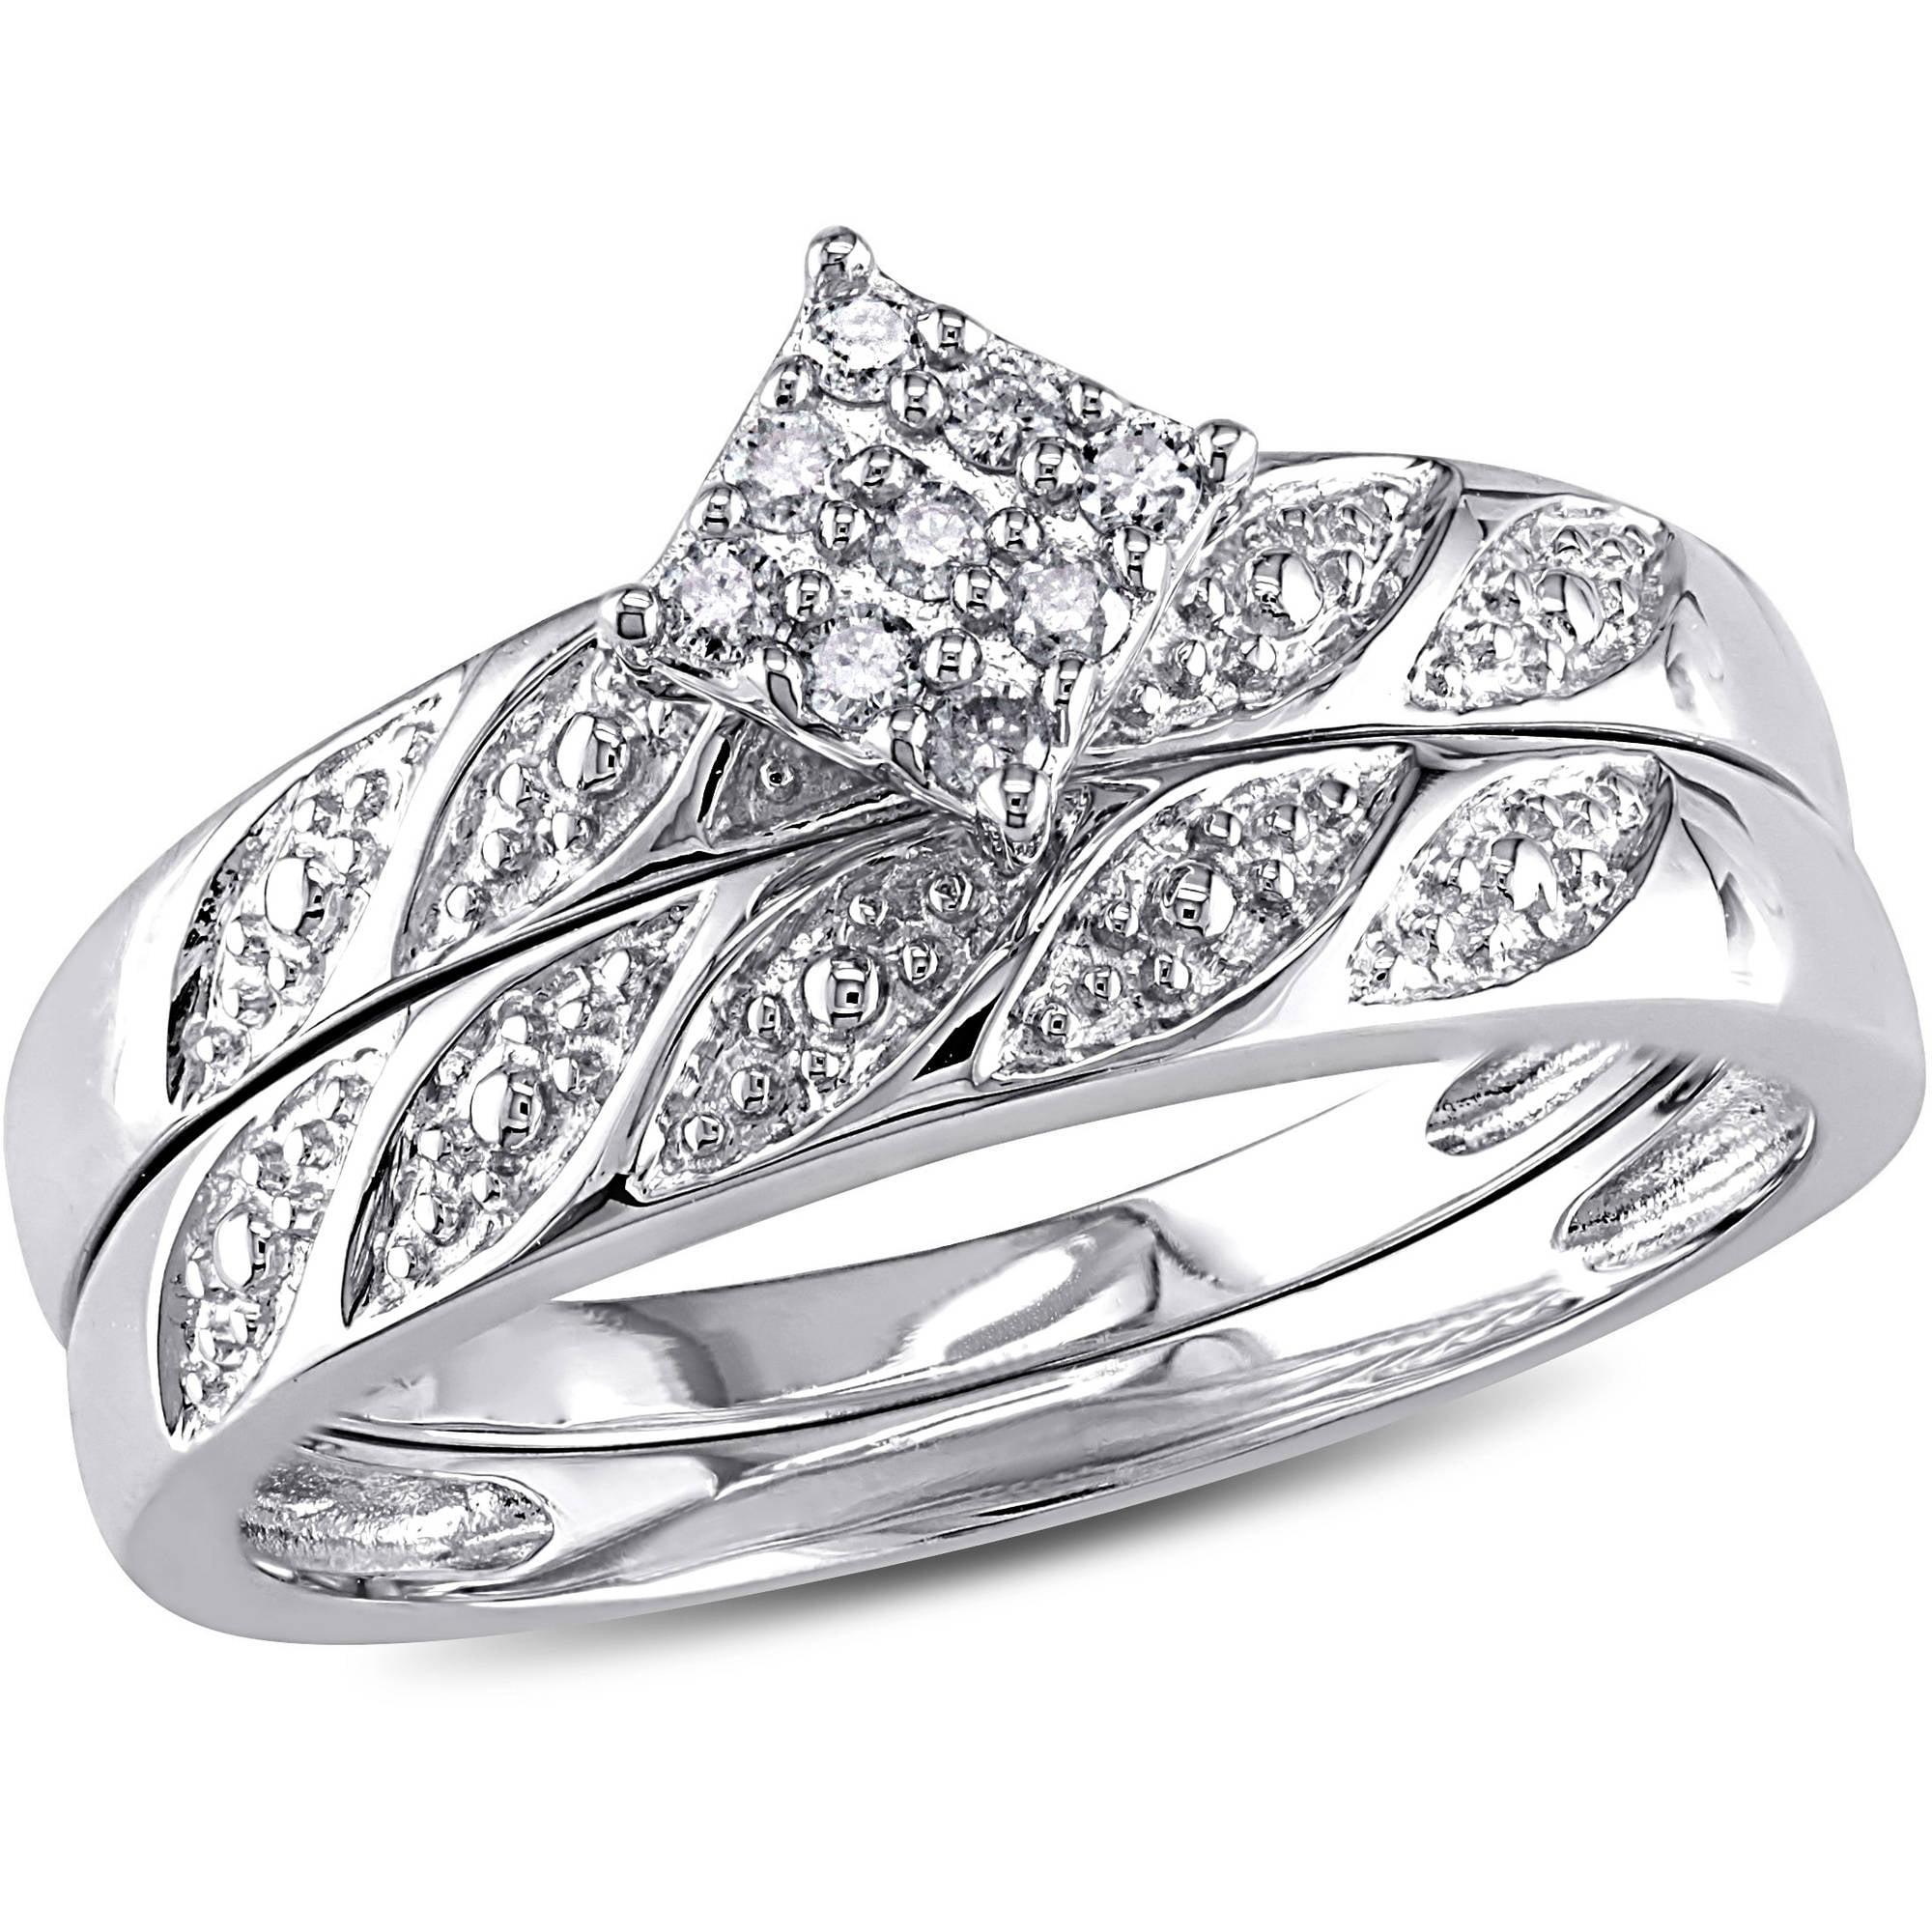 Miabella DiamondAccent Sterling Silver Bridal Ring Set Walmartcom